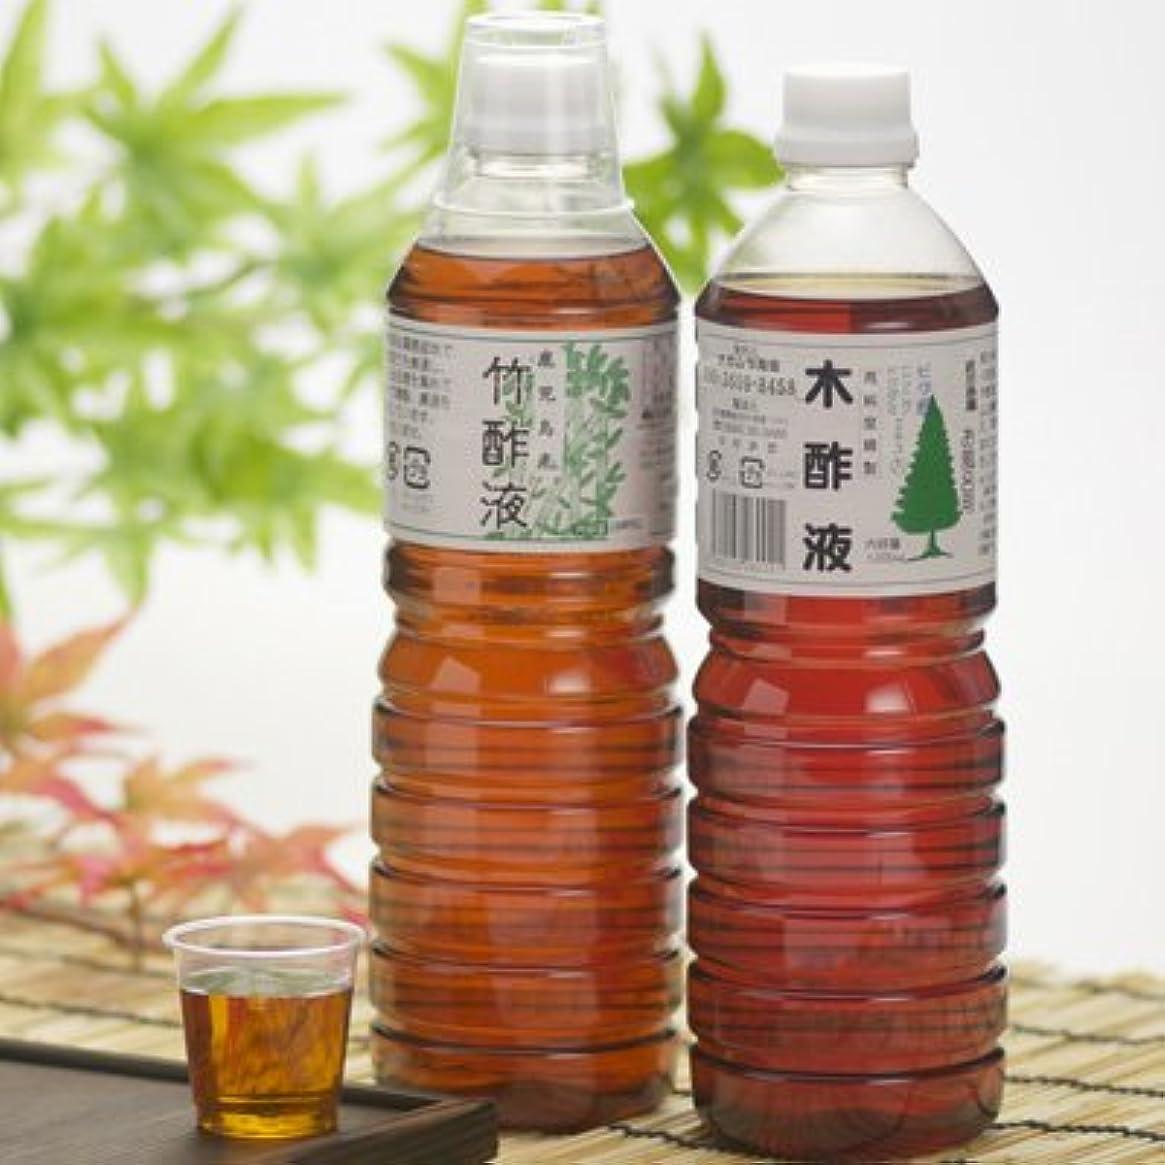 アリーナ少しパノラマ一味違うバスタイムを楽しめる お風呂用(竹?樫)セット ナカムラ商会?鹿児島県